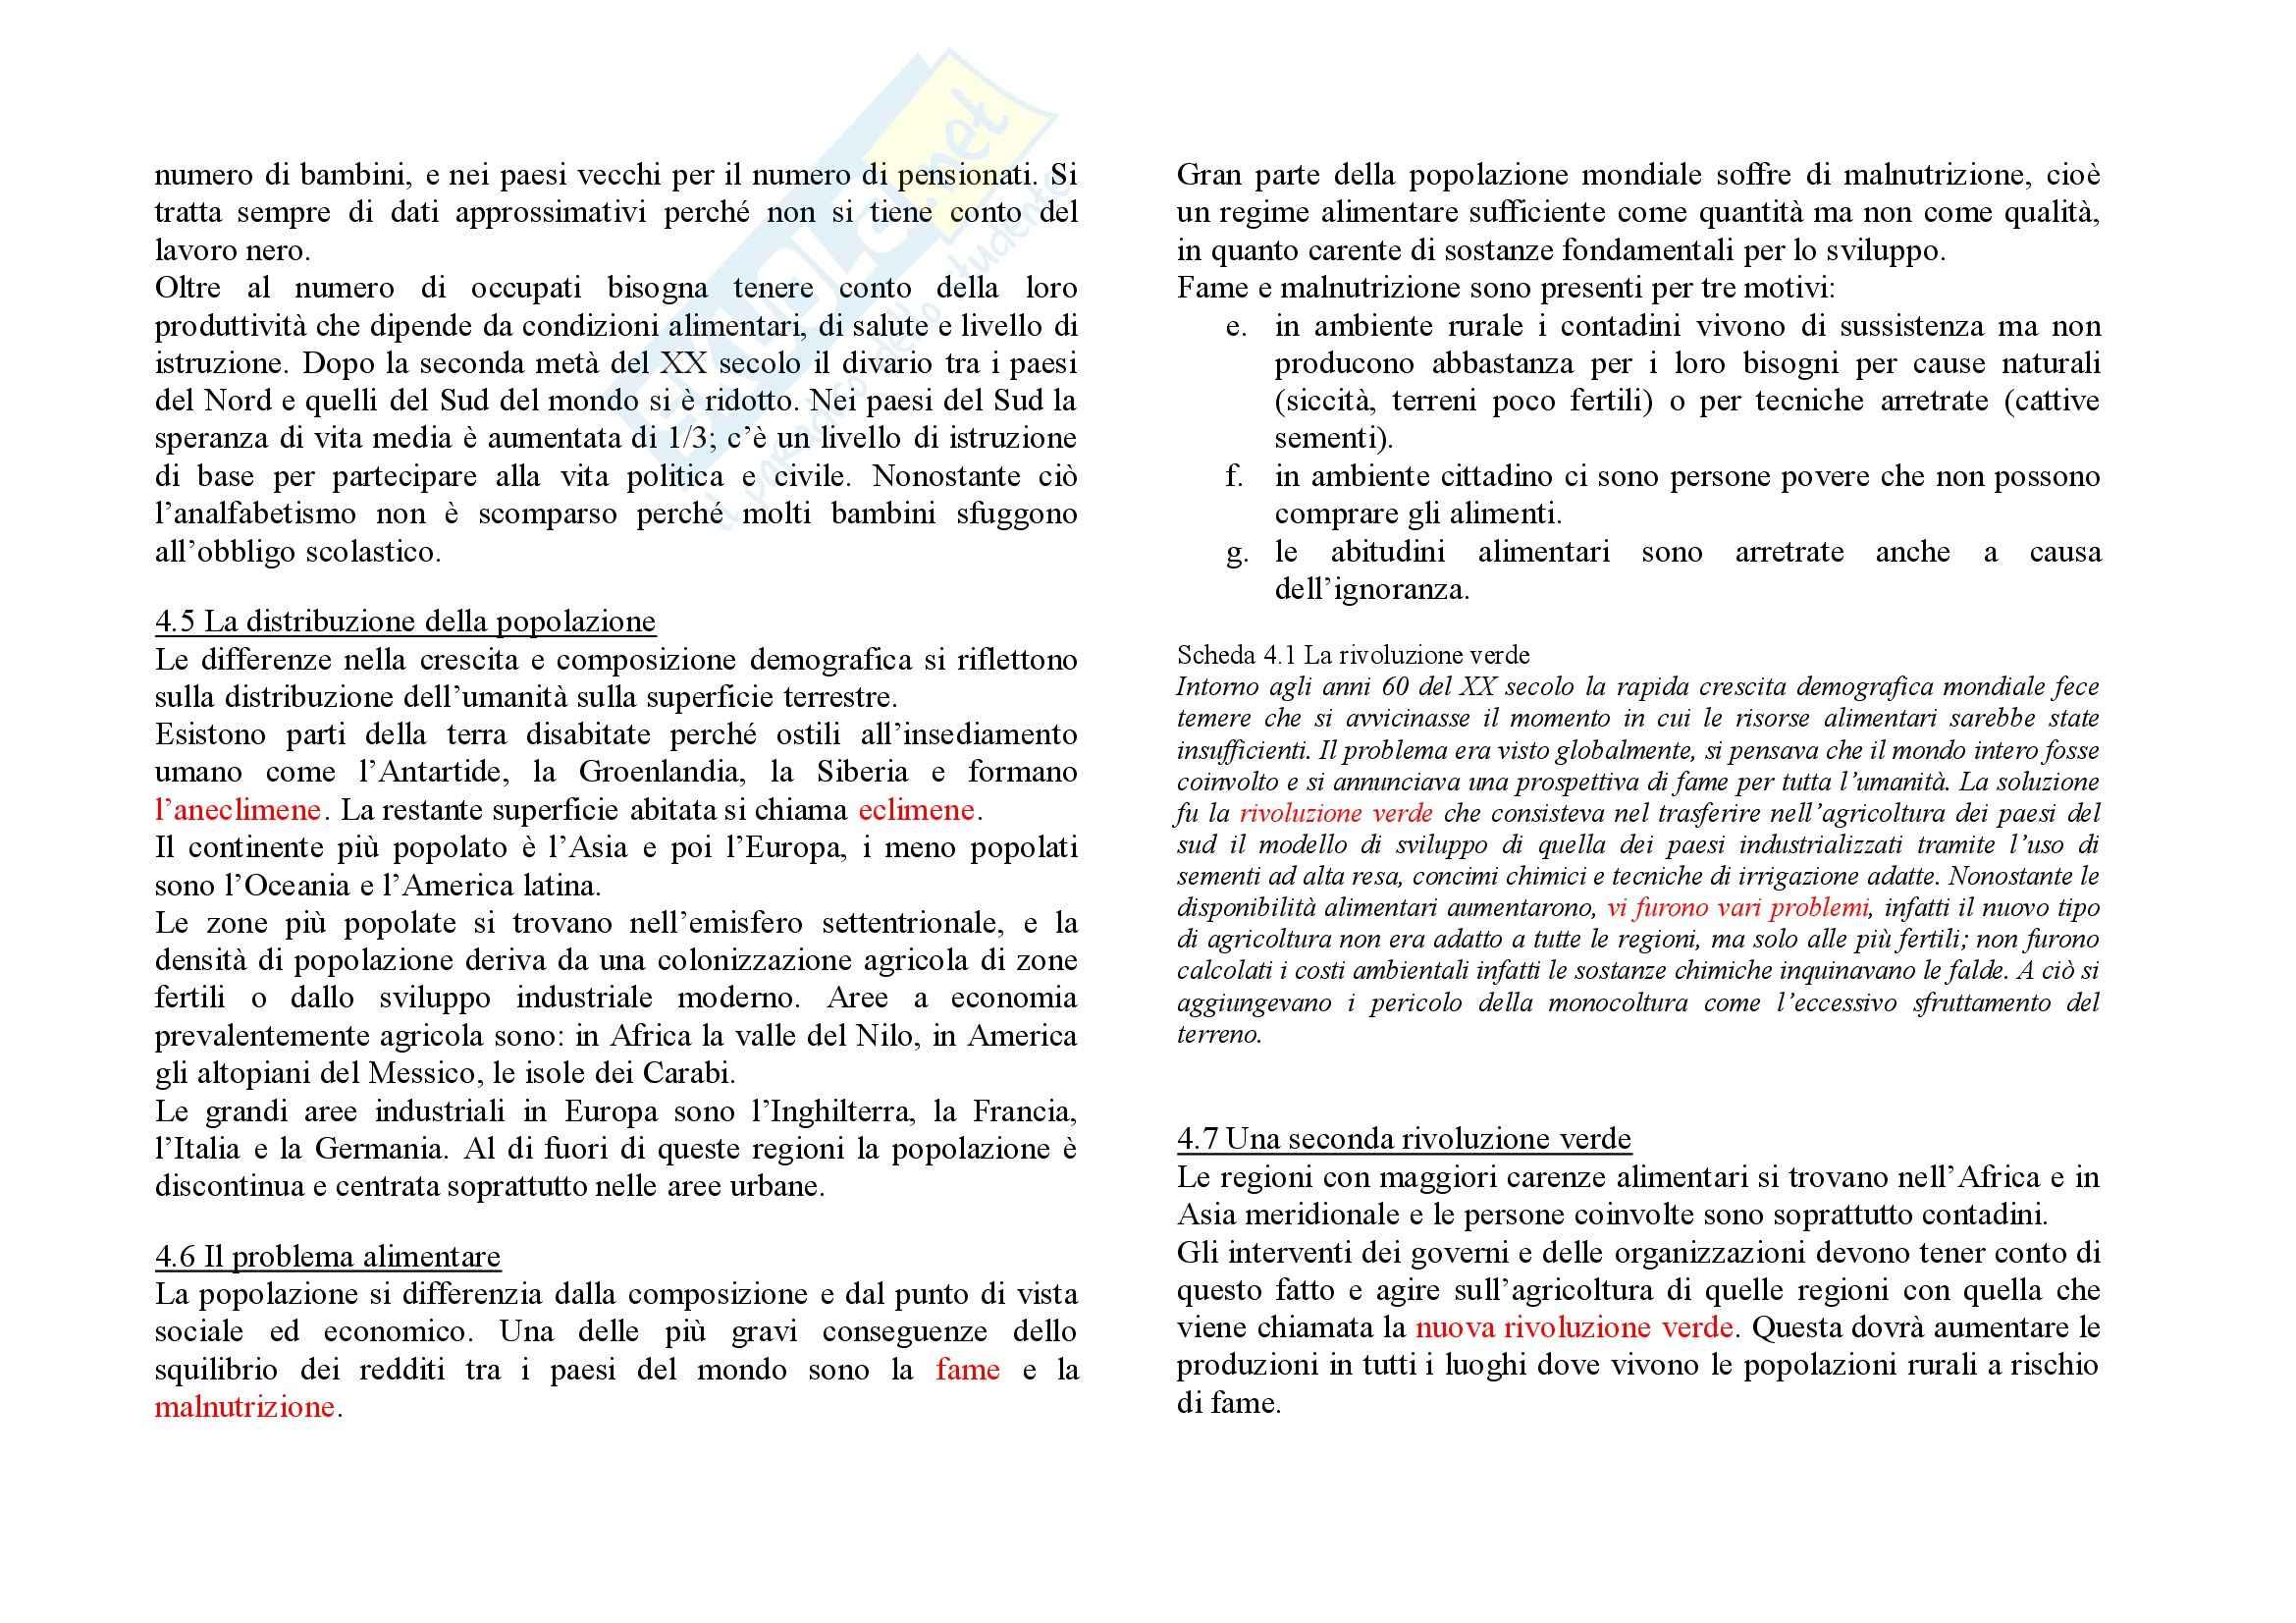 Geografia dell'economia mondiale - Riassunto esame, prof. Agostaro Pag. 16